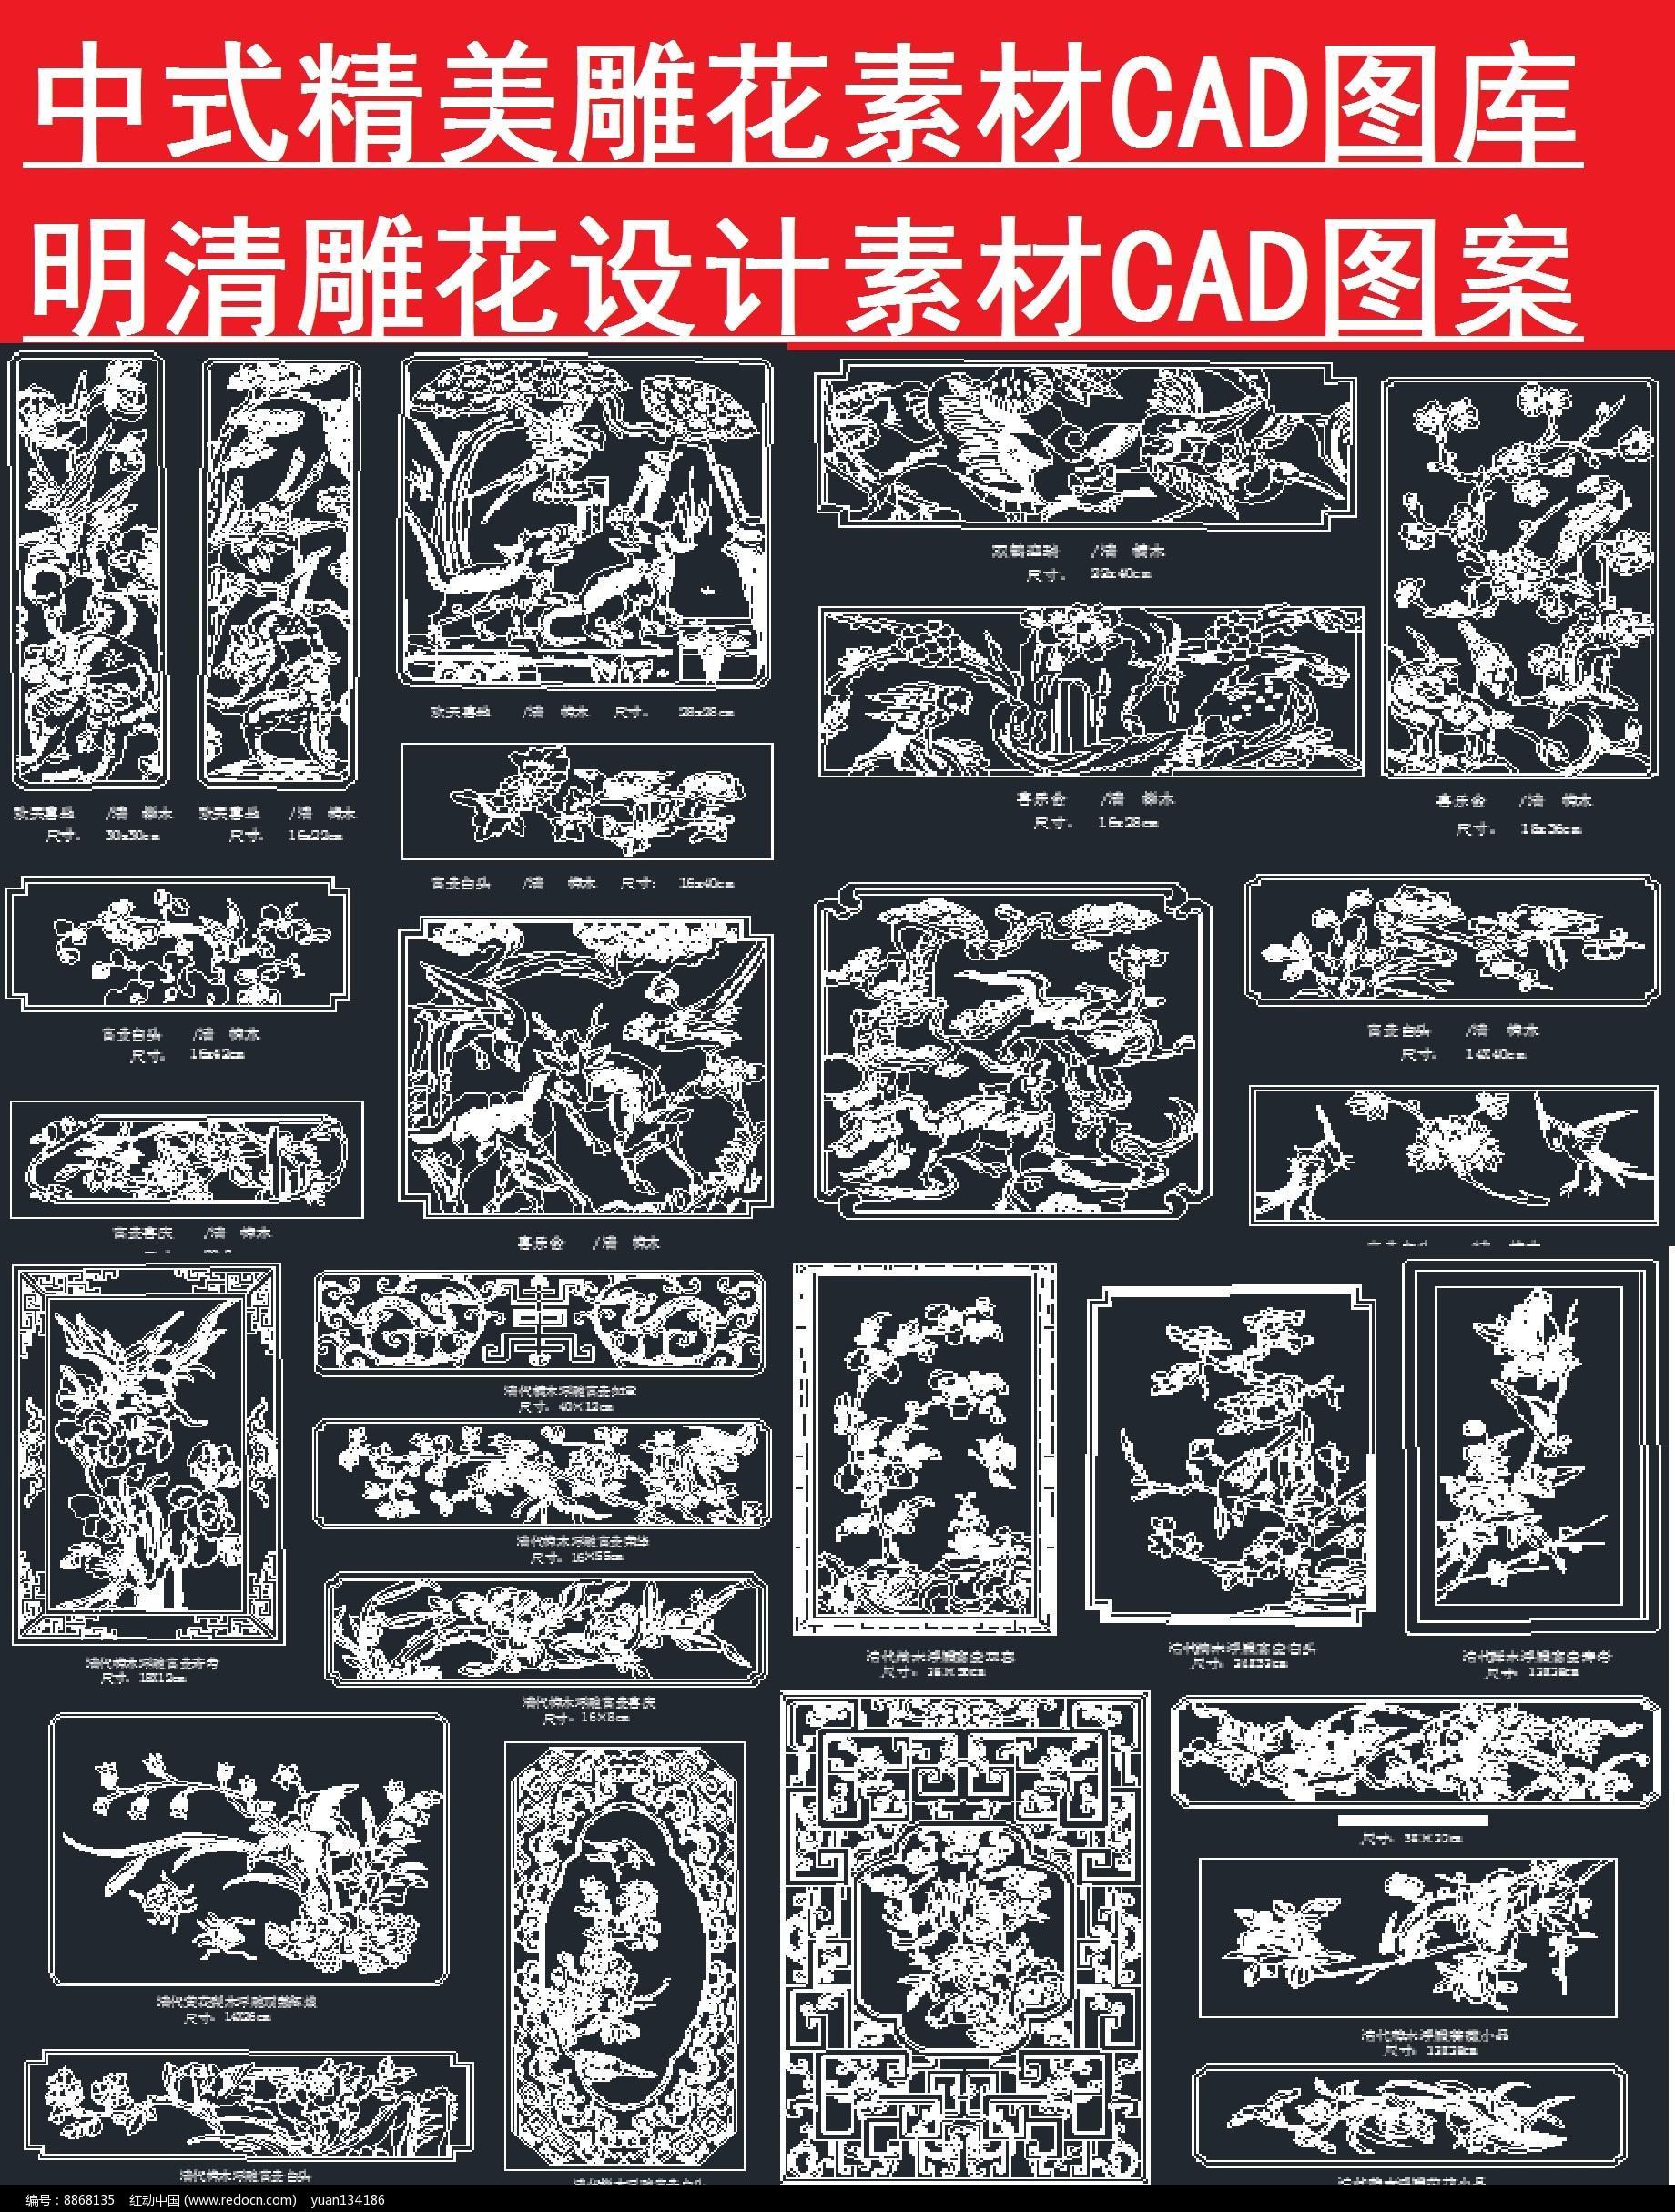 中式雕花CAD图库图片